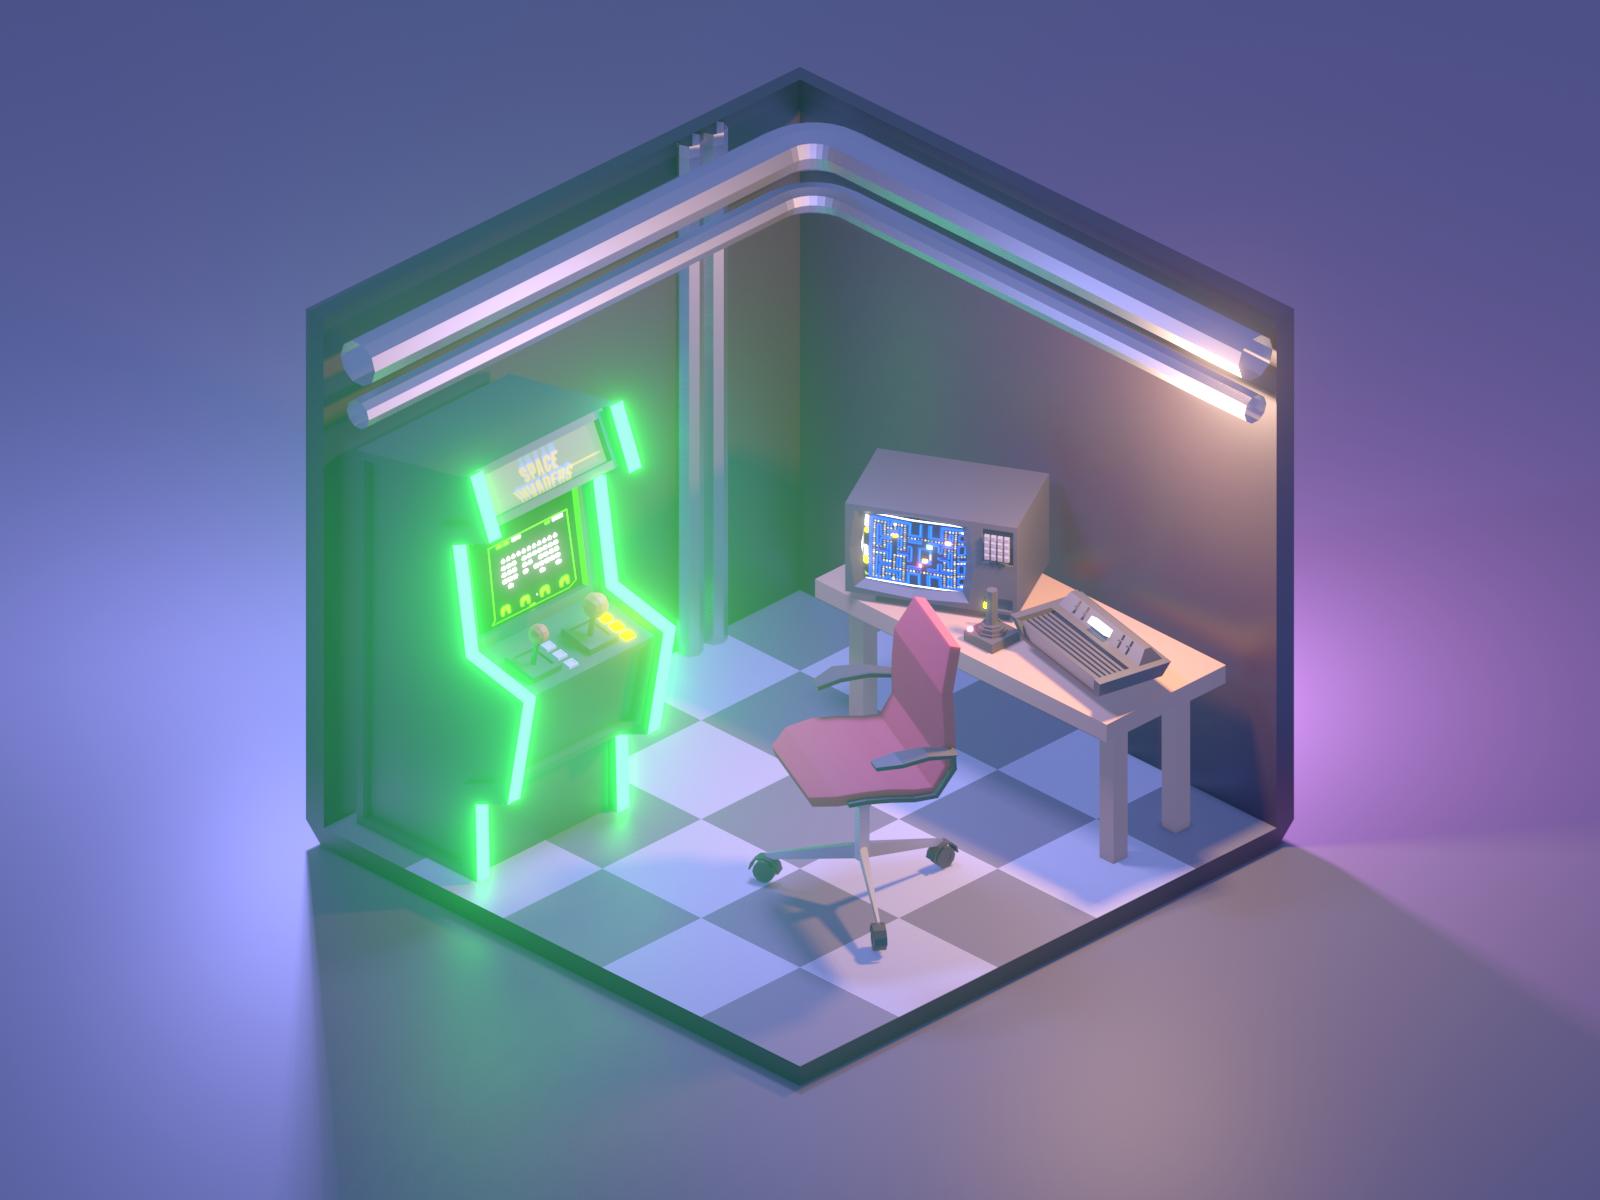 https://cloud-ng1u6y1qj-hack-club-bot.vercel.app/0arcade-room-render.png